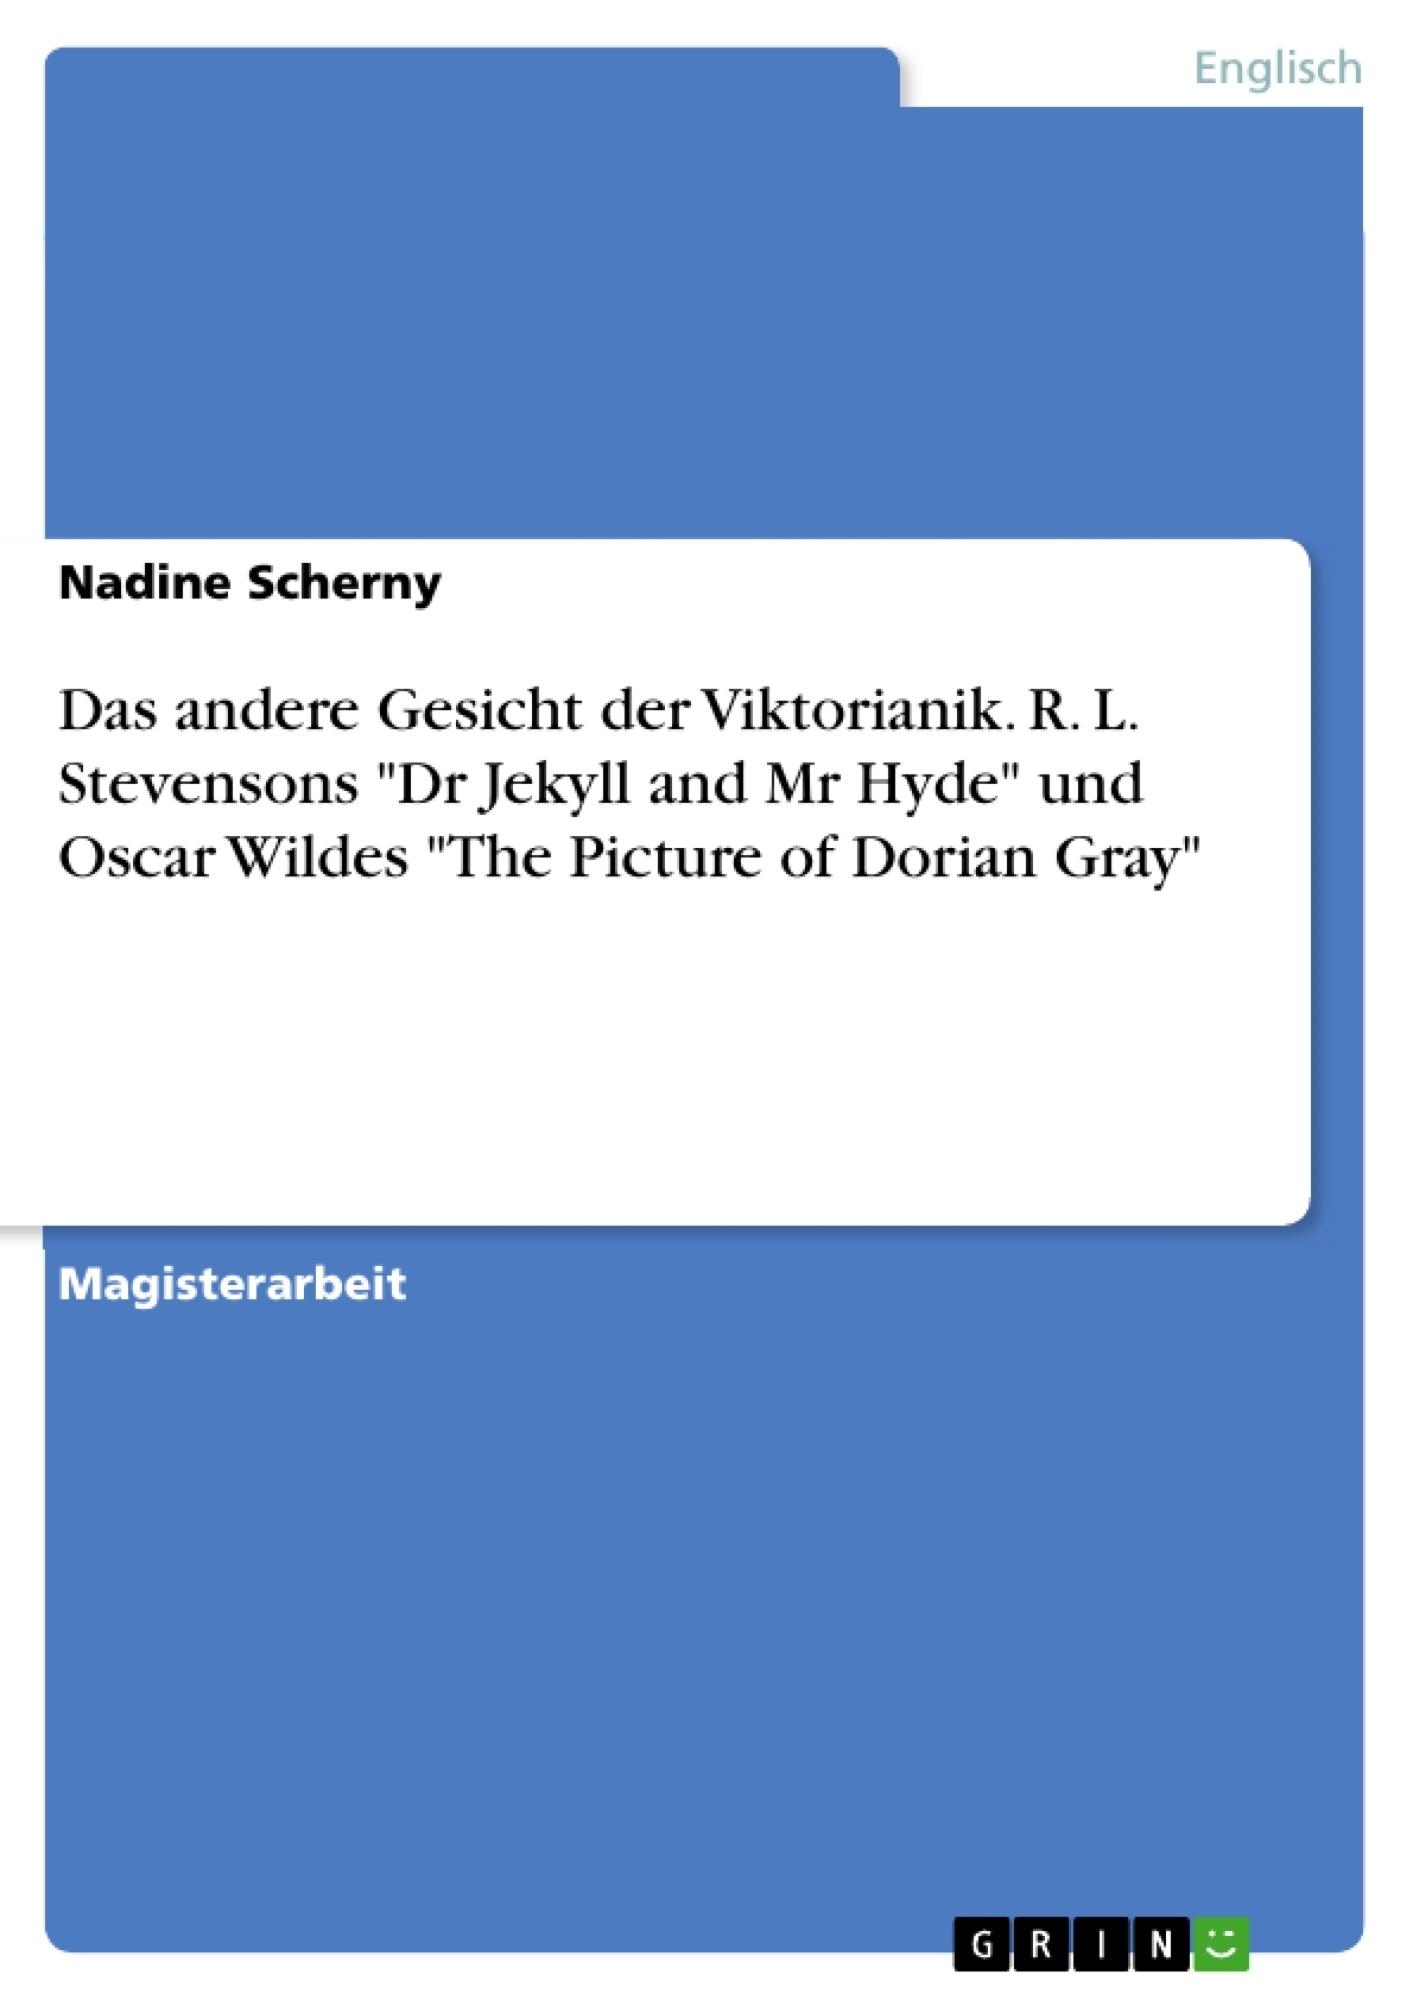 """Titel: Das andere Gesicht der Viktorianik. R. L. Stevensons """"Dr Jekyll and Mr Hyde"""" und Oscar Wildes """"The Picture of Dorian Gray"""""""